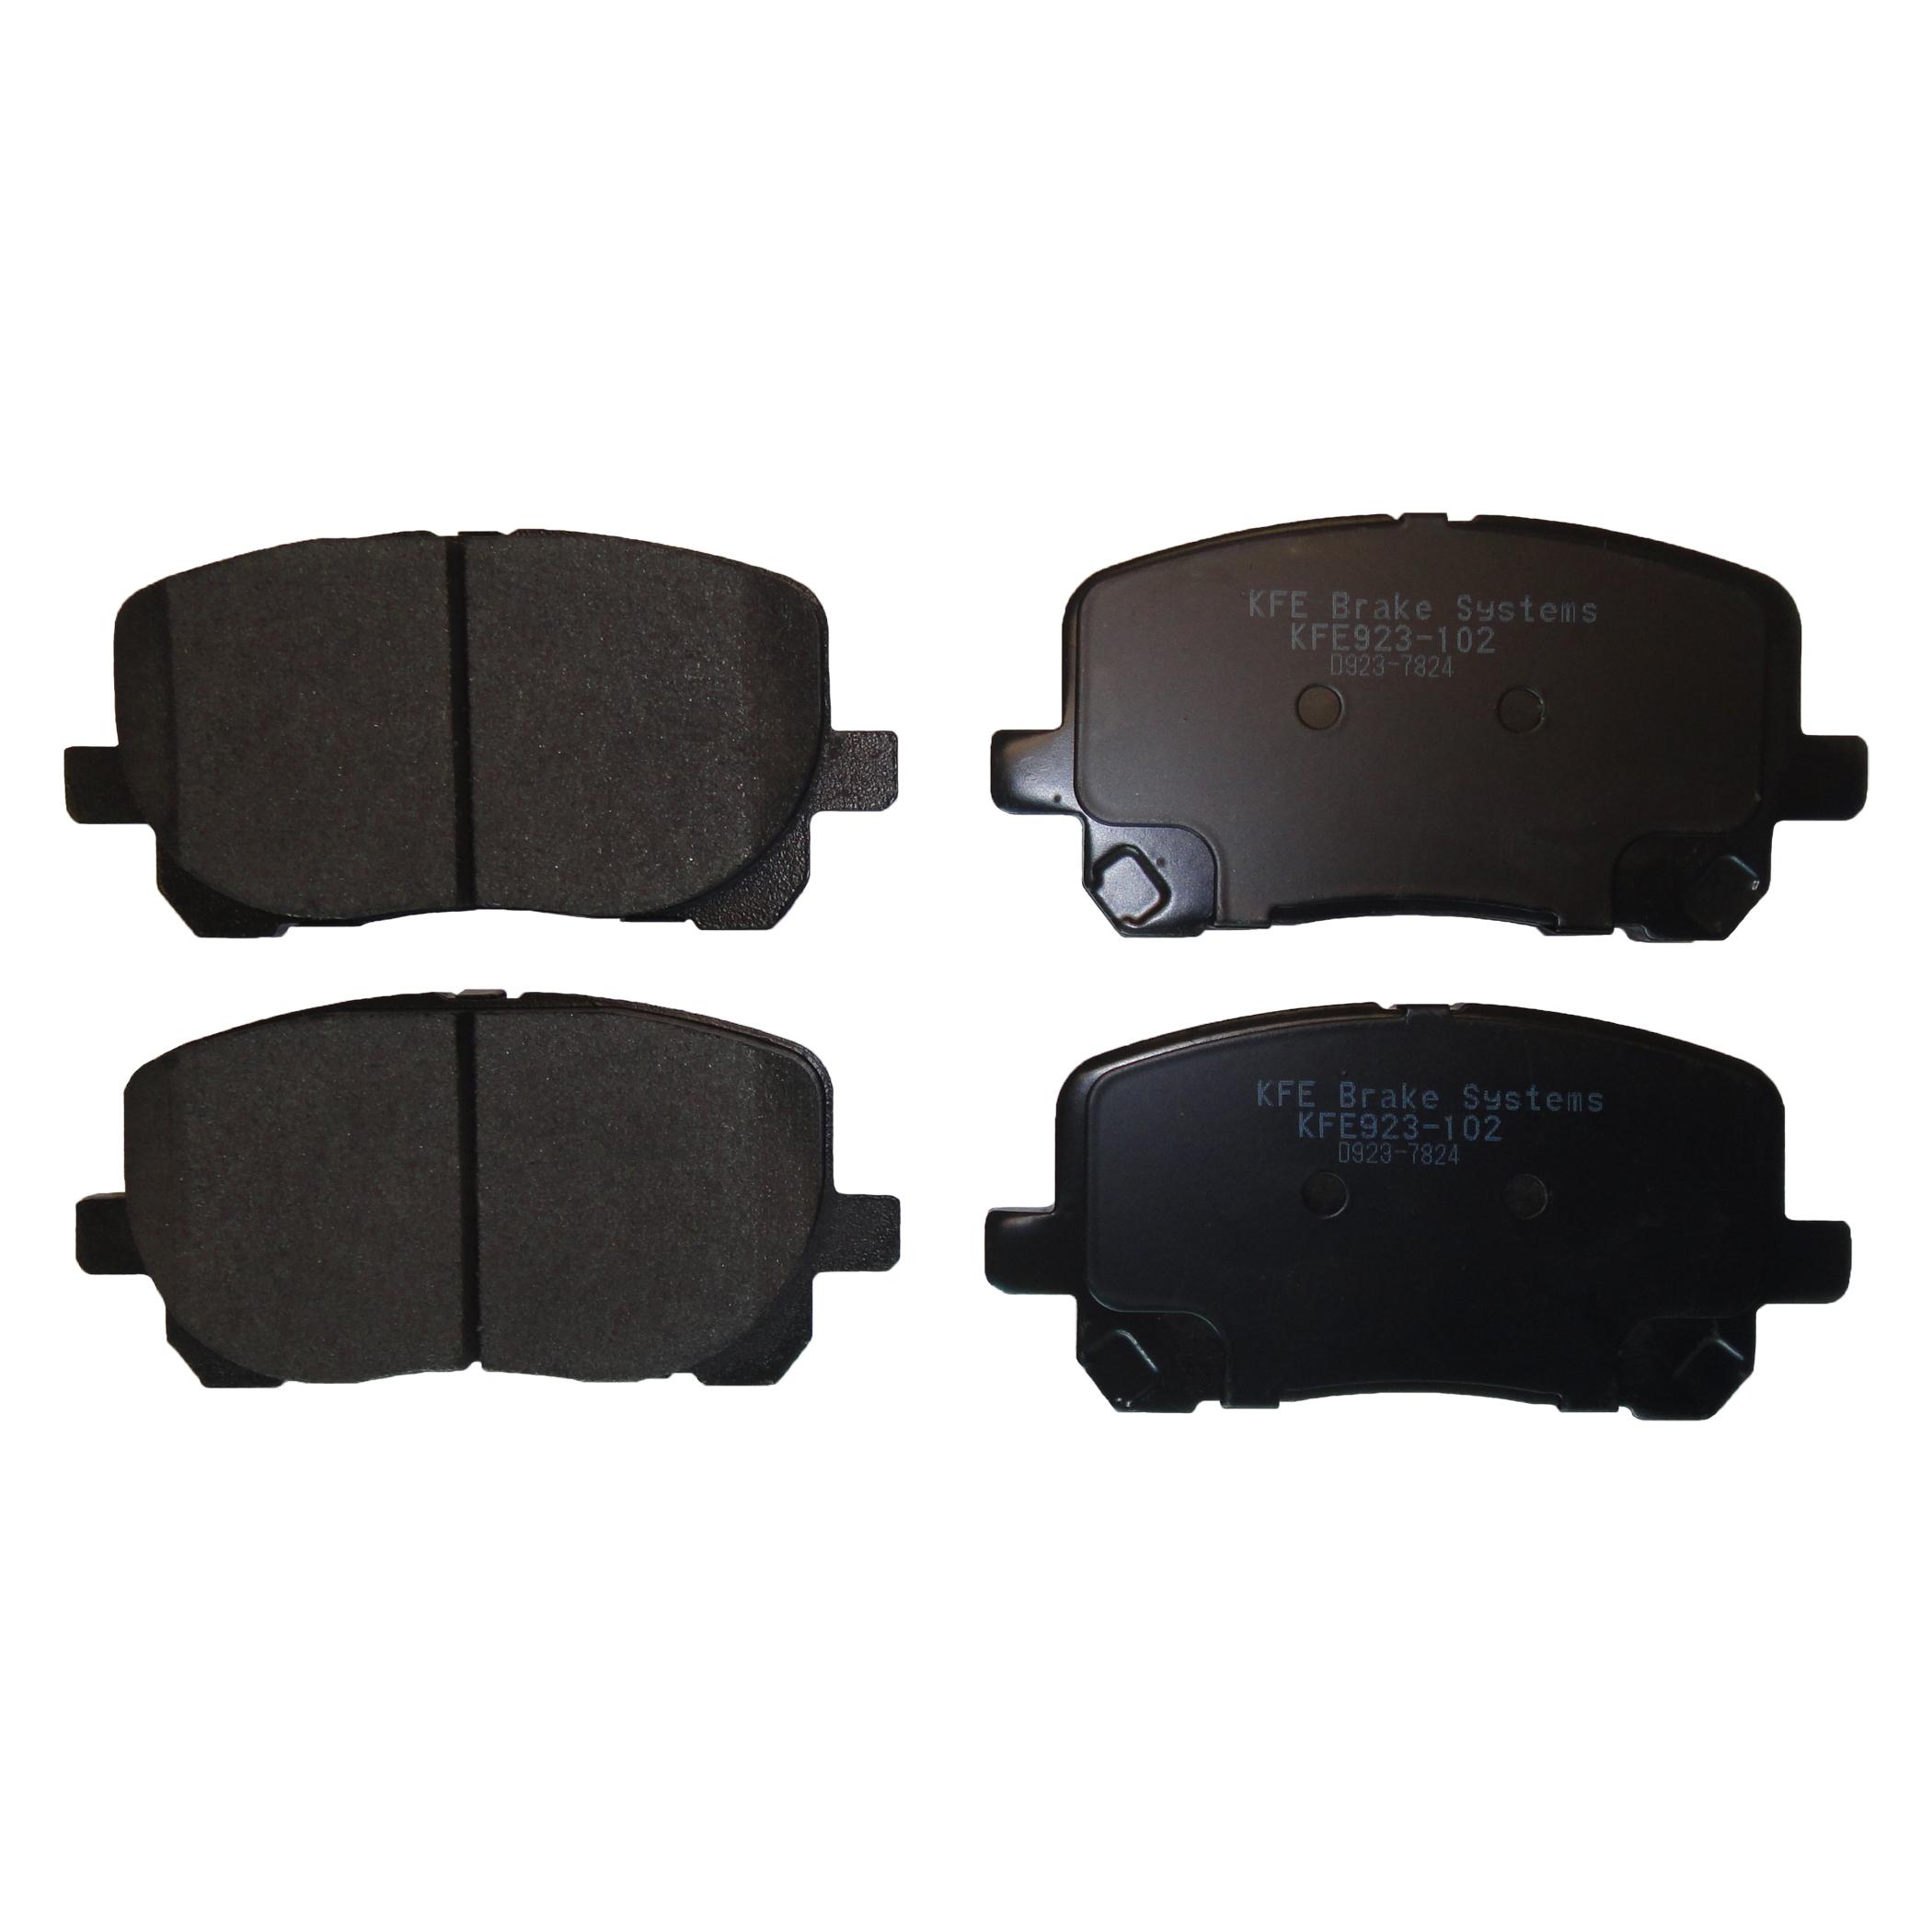 KFE923-102 Quiet Comfort OE Brake Pad